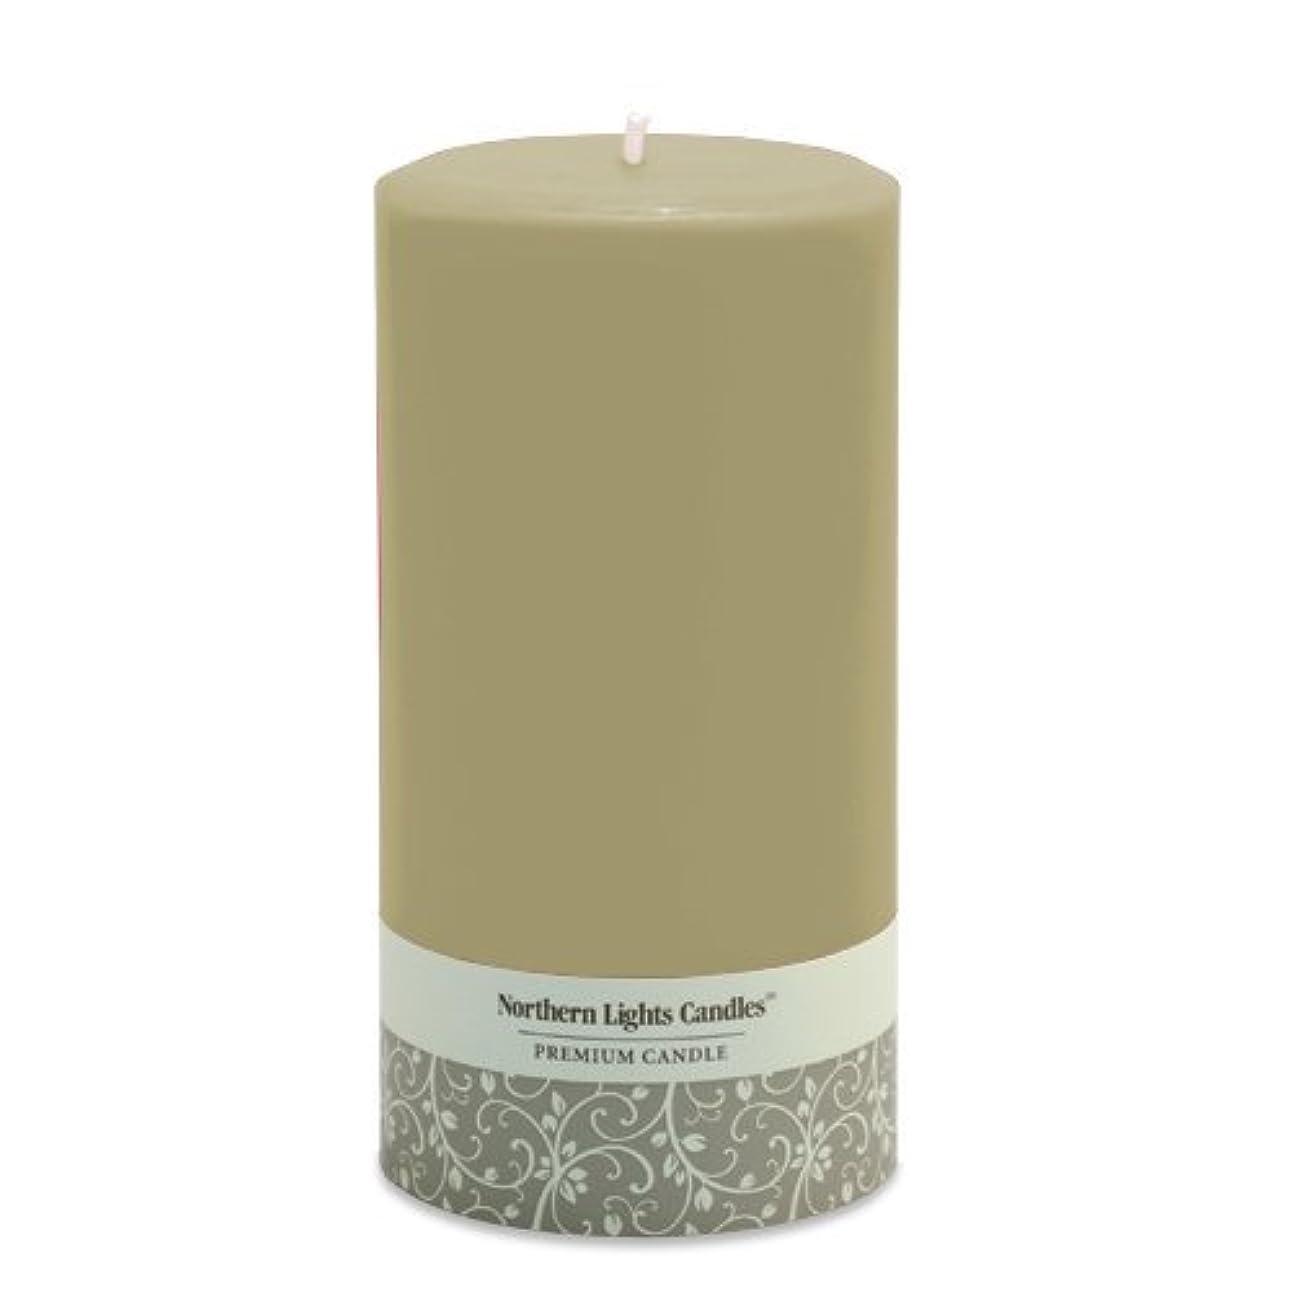 挽くセブン拒絶Northern Lights Candles Fragrance Free Pillar Candle, 3 by 6-Inch, Sand [並行輸入品]